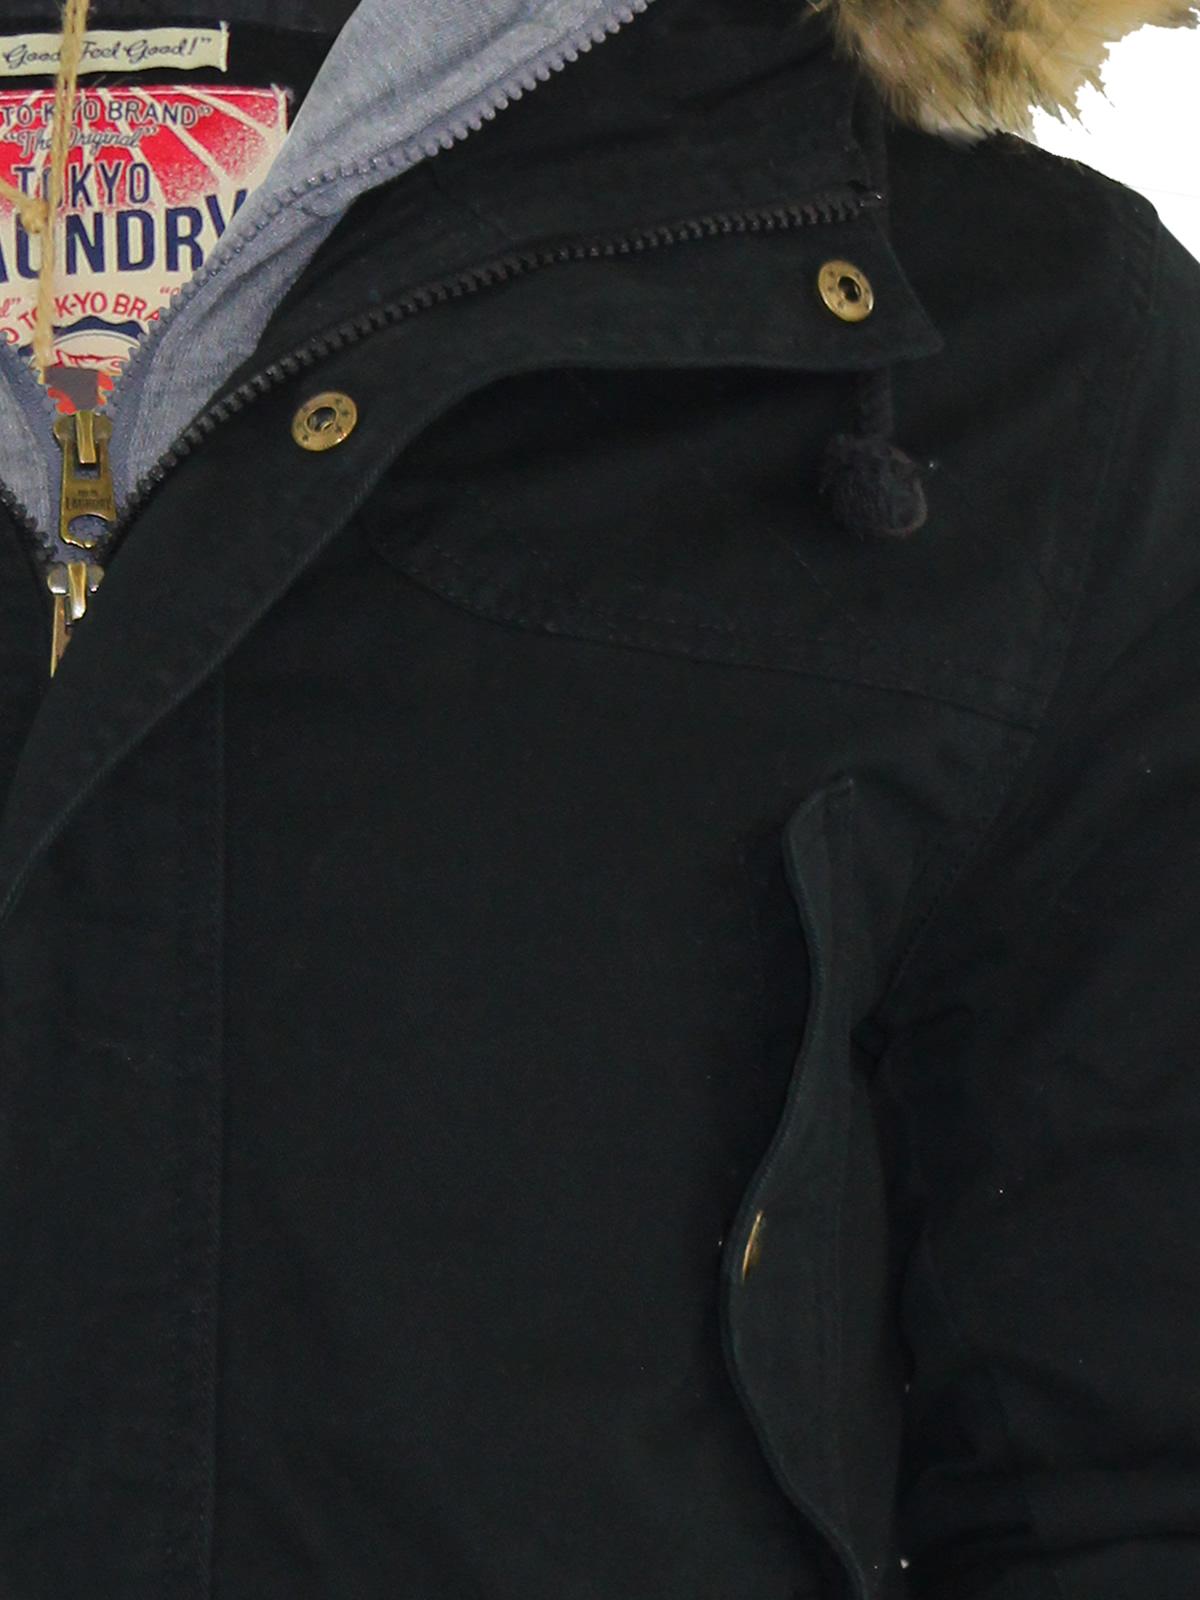 Jacketkronen wiki